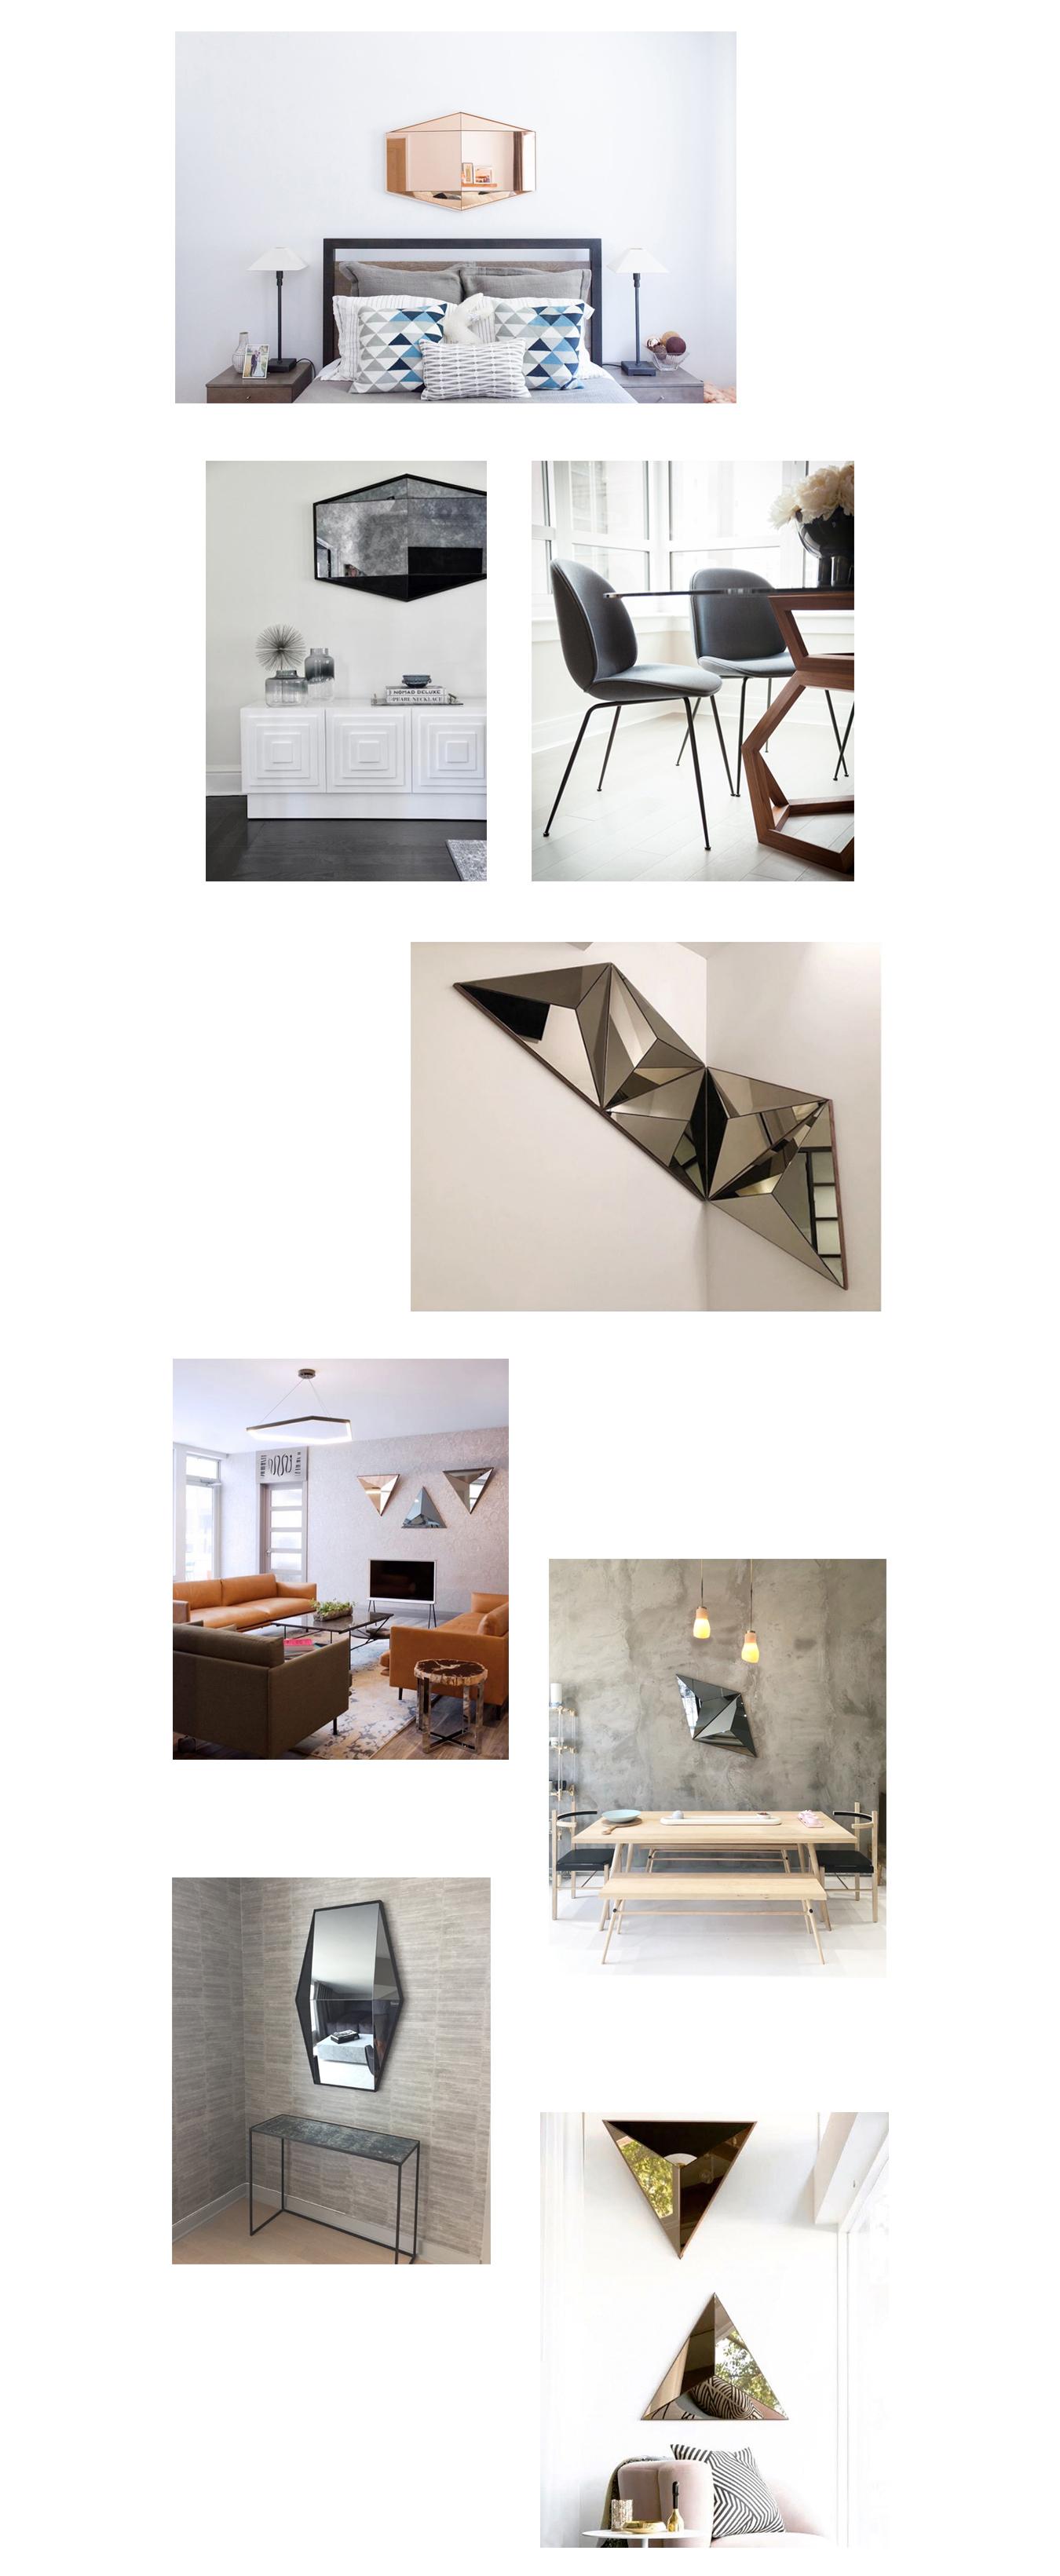 Installation3a.jpg